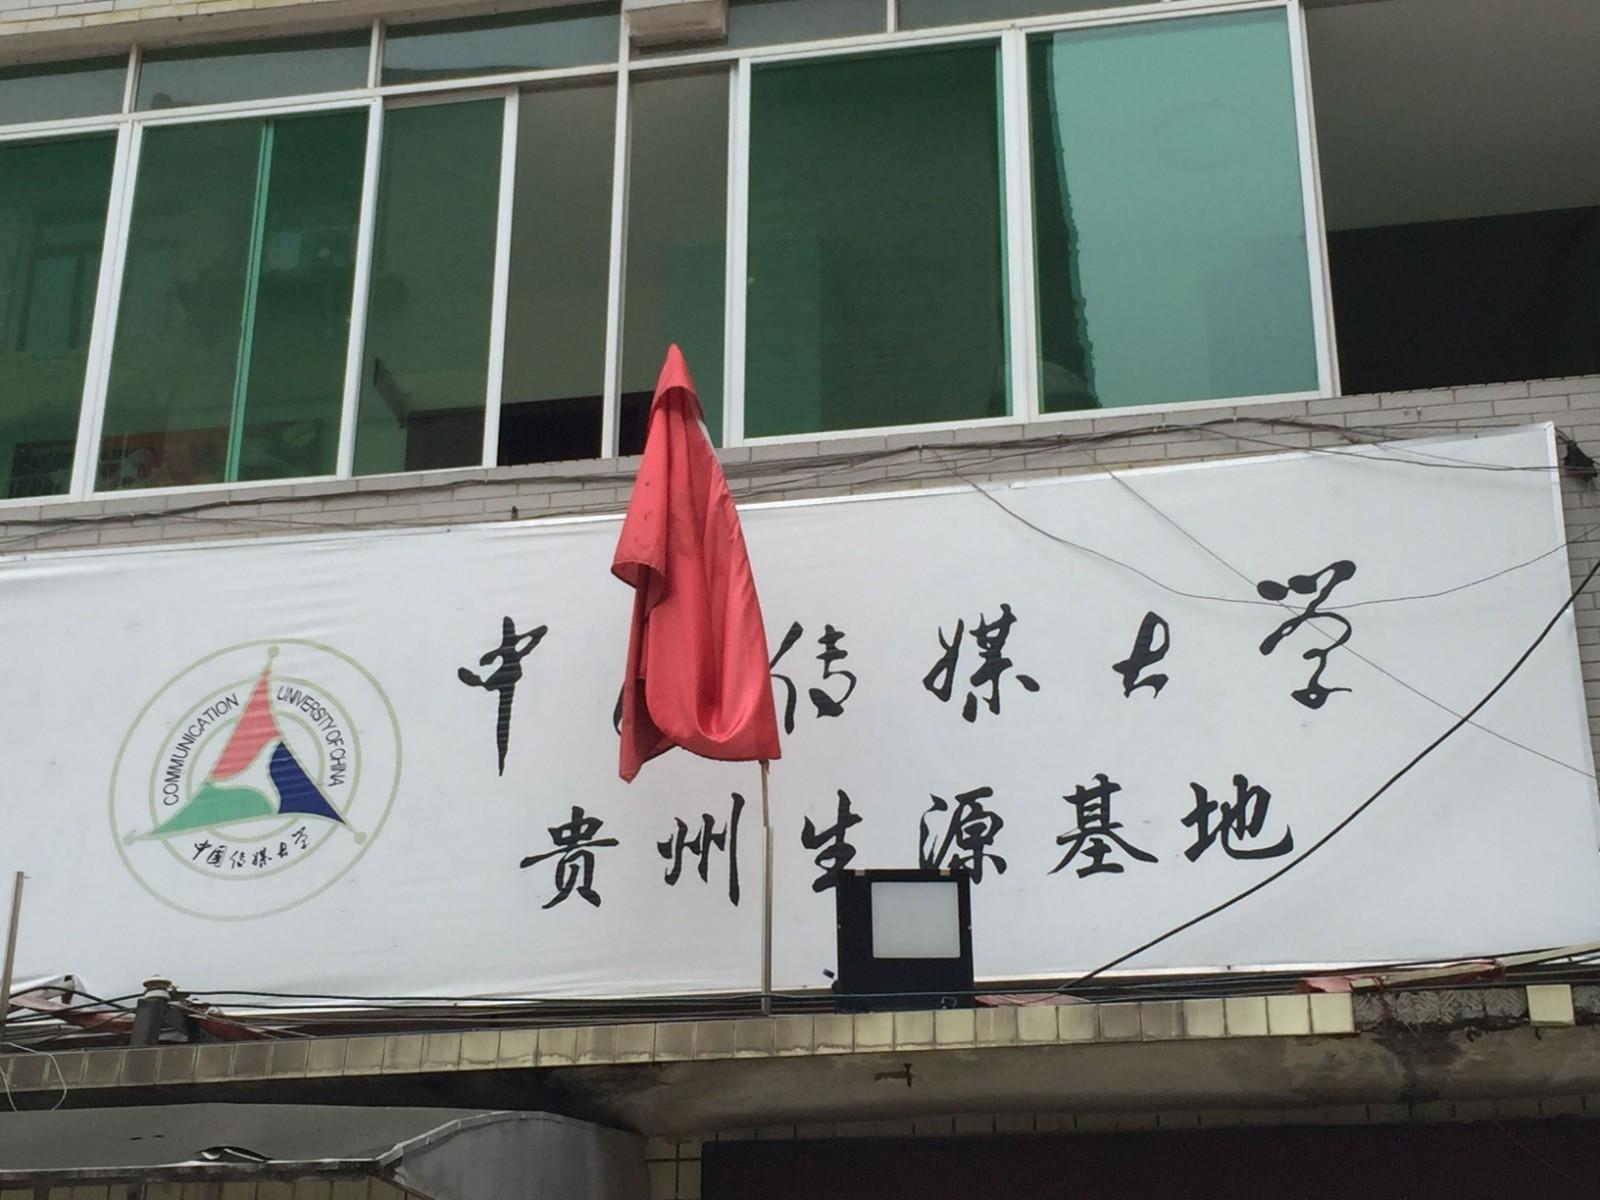 中国传媒大学贵州生源基地